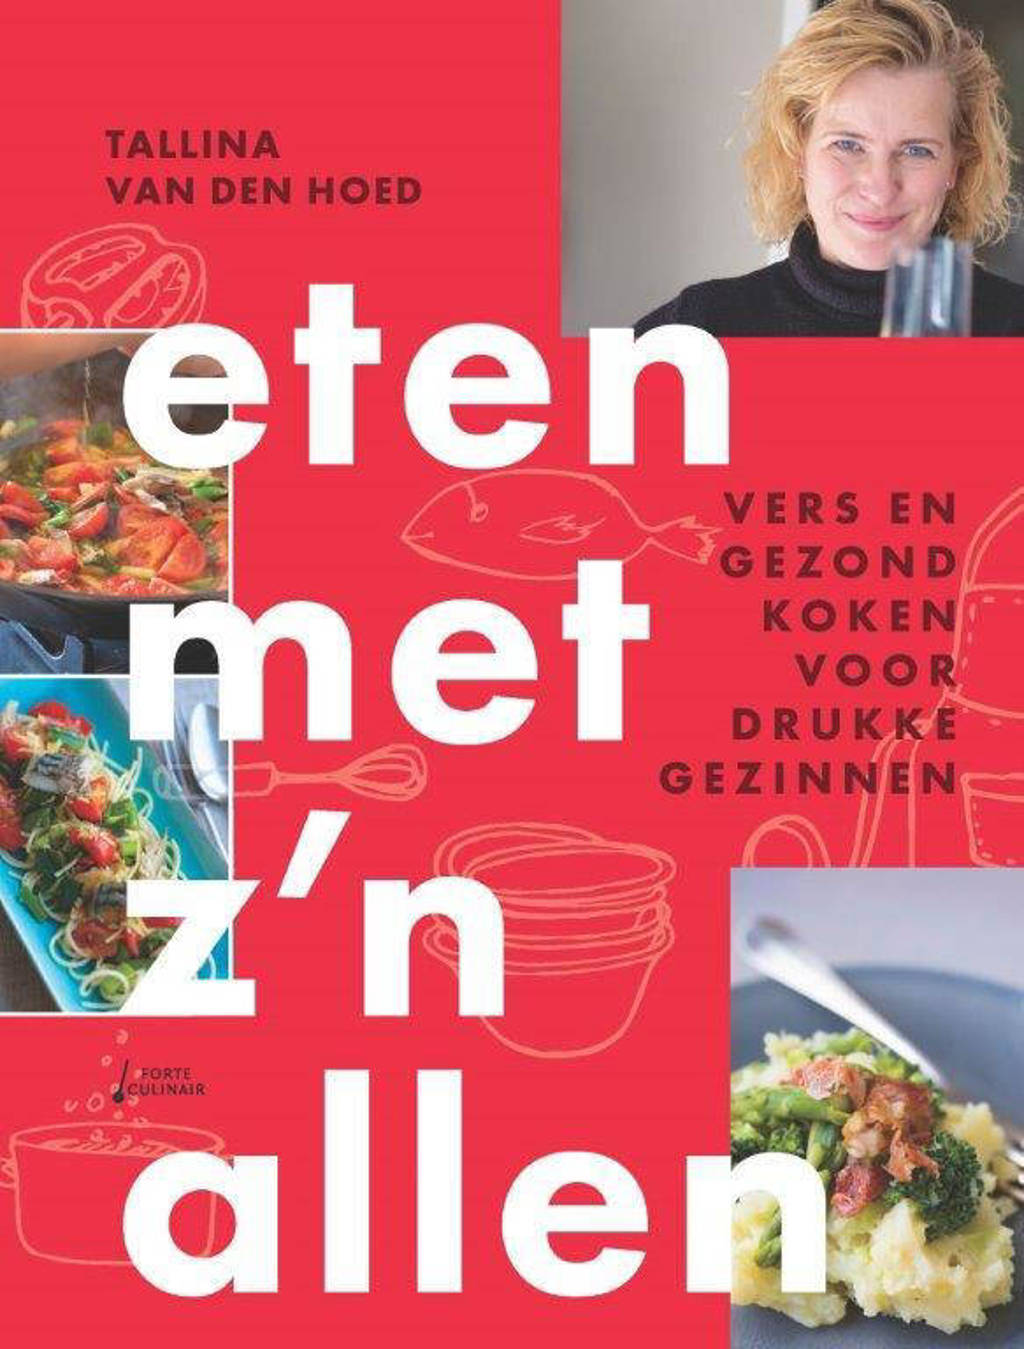 Eten met z'n allen - Tallina van den Hoed